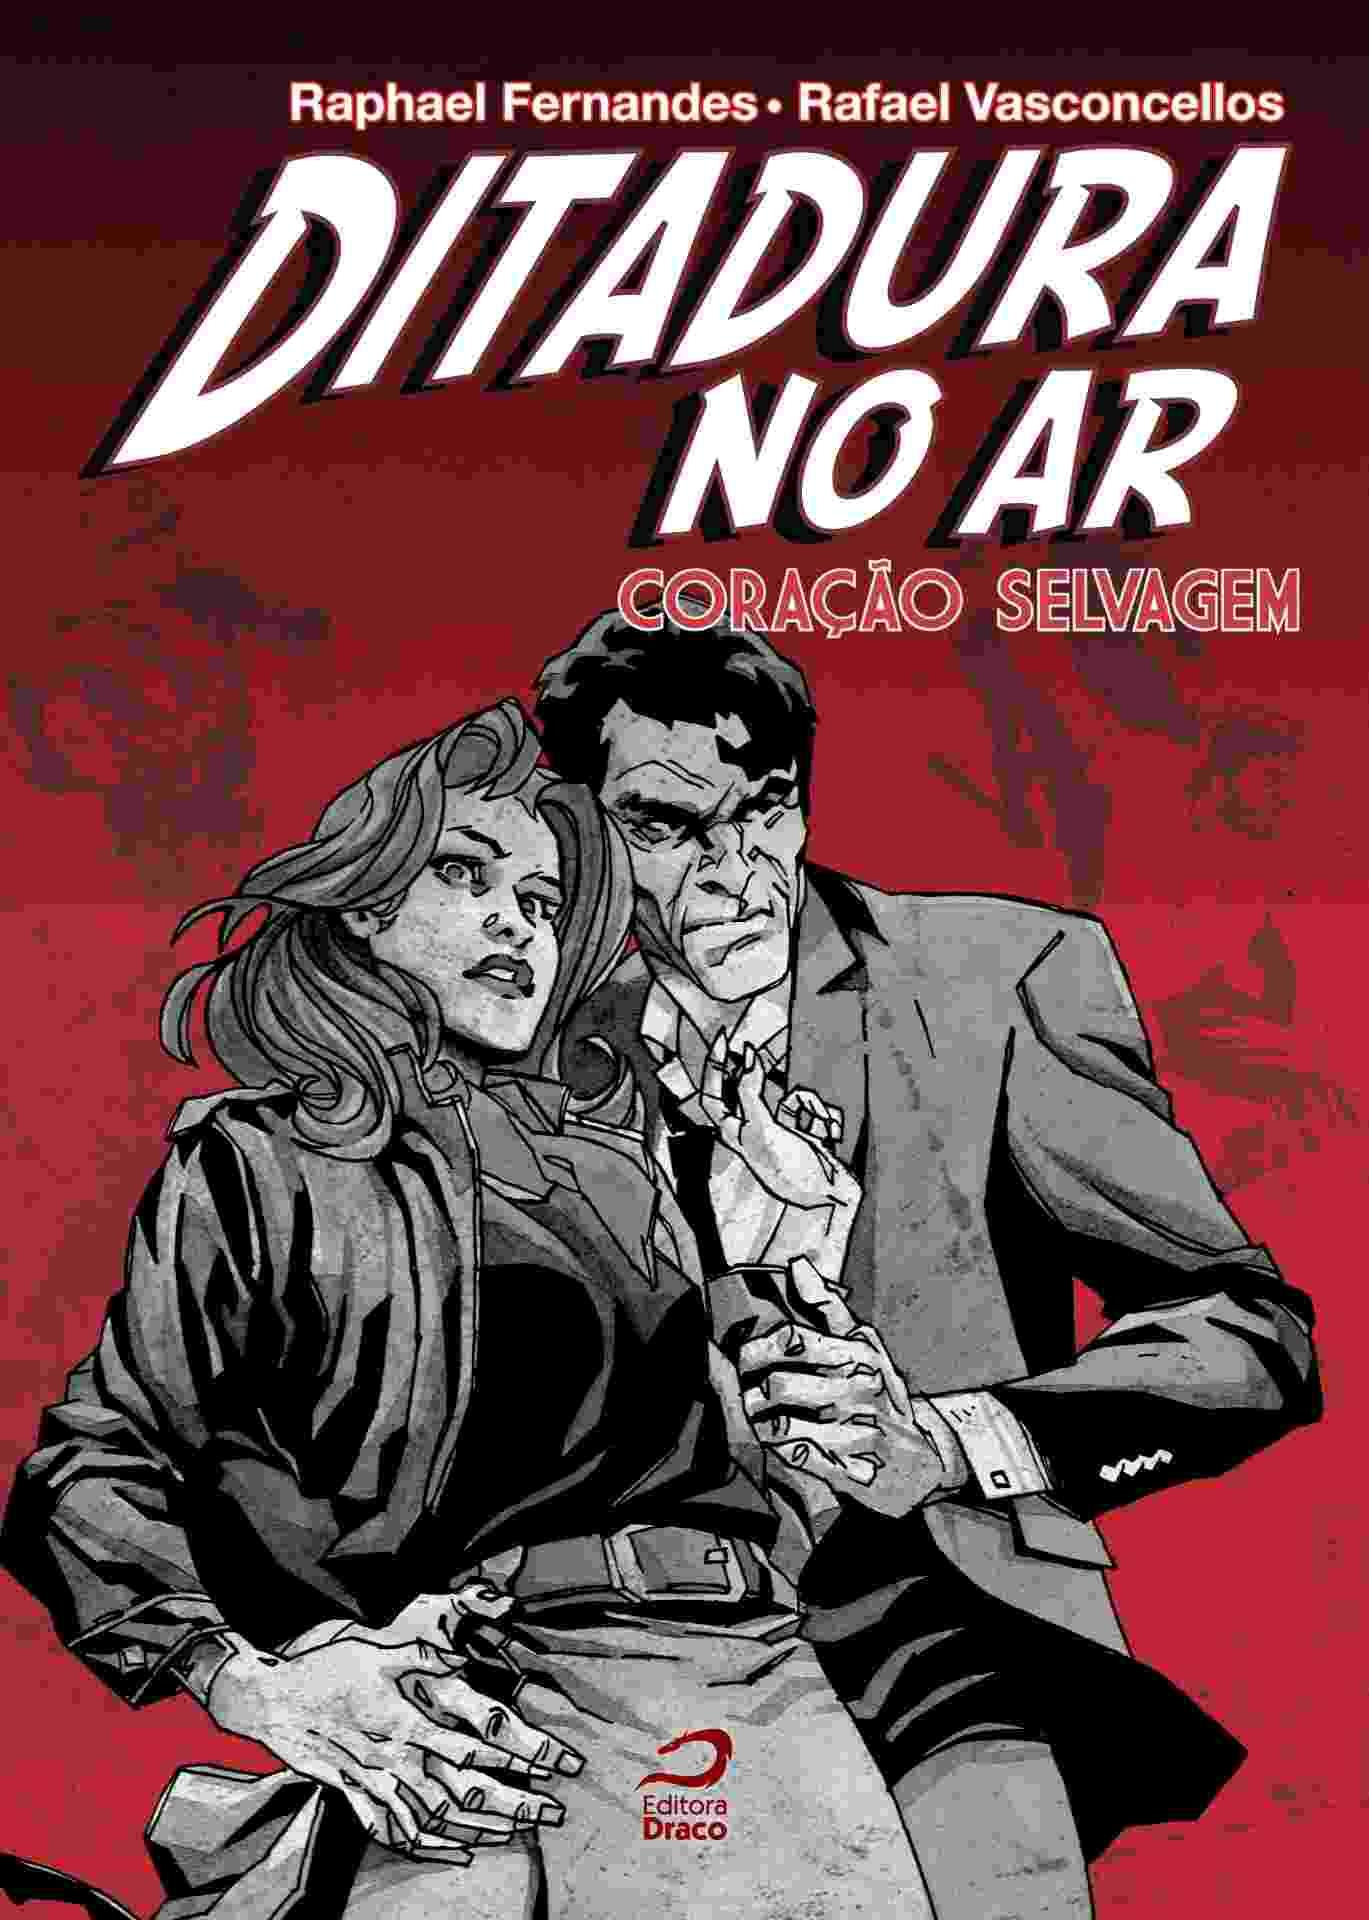 """Capa da graphic novel """"Ditadura no Ar - Coração Selvagem"""" dos autores Raphael Fernandes e Rafael Vasconcellos - Divulgação"""